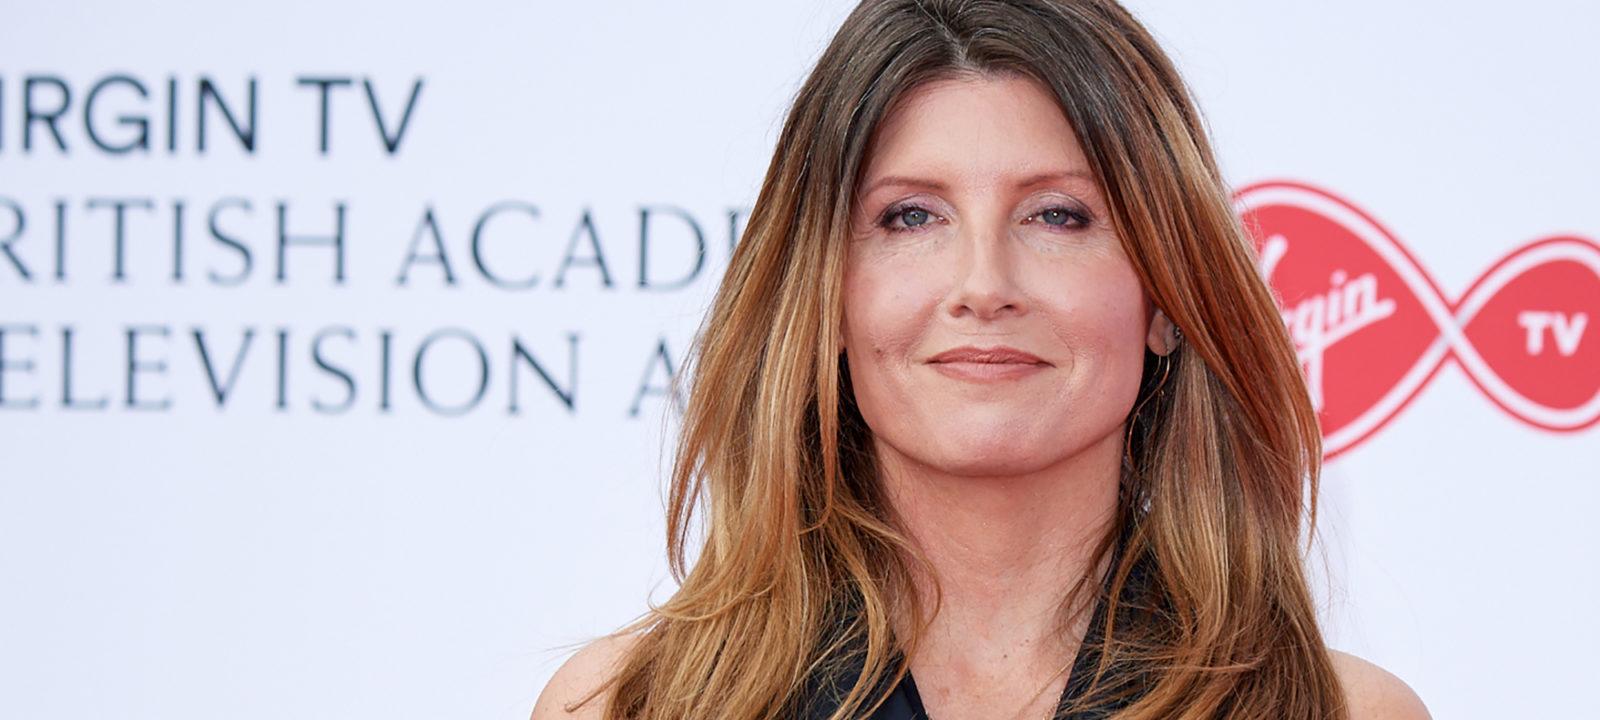 Virgin TV BAFTA Television Awards – Red Carpet ARrivals